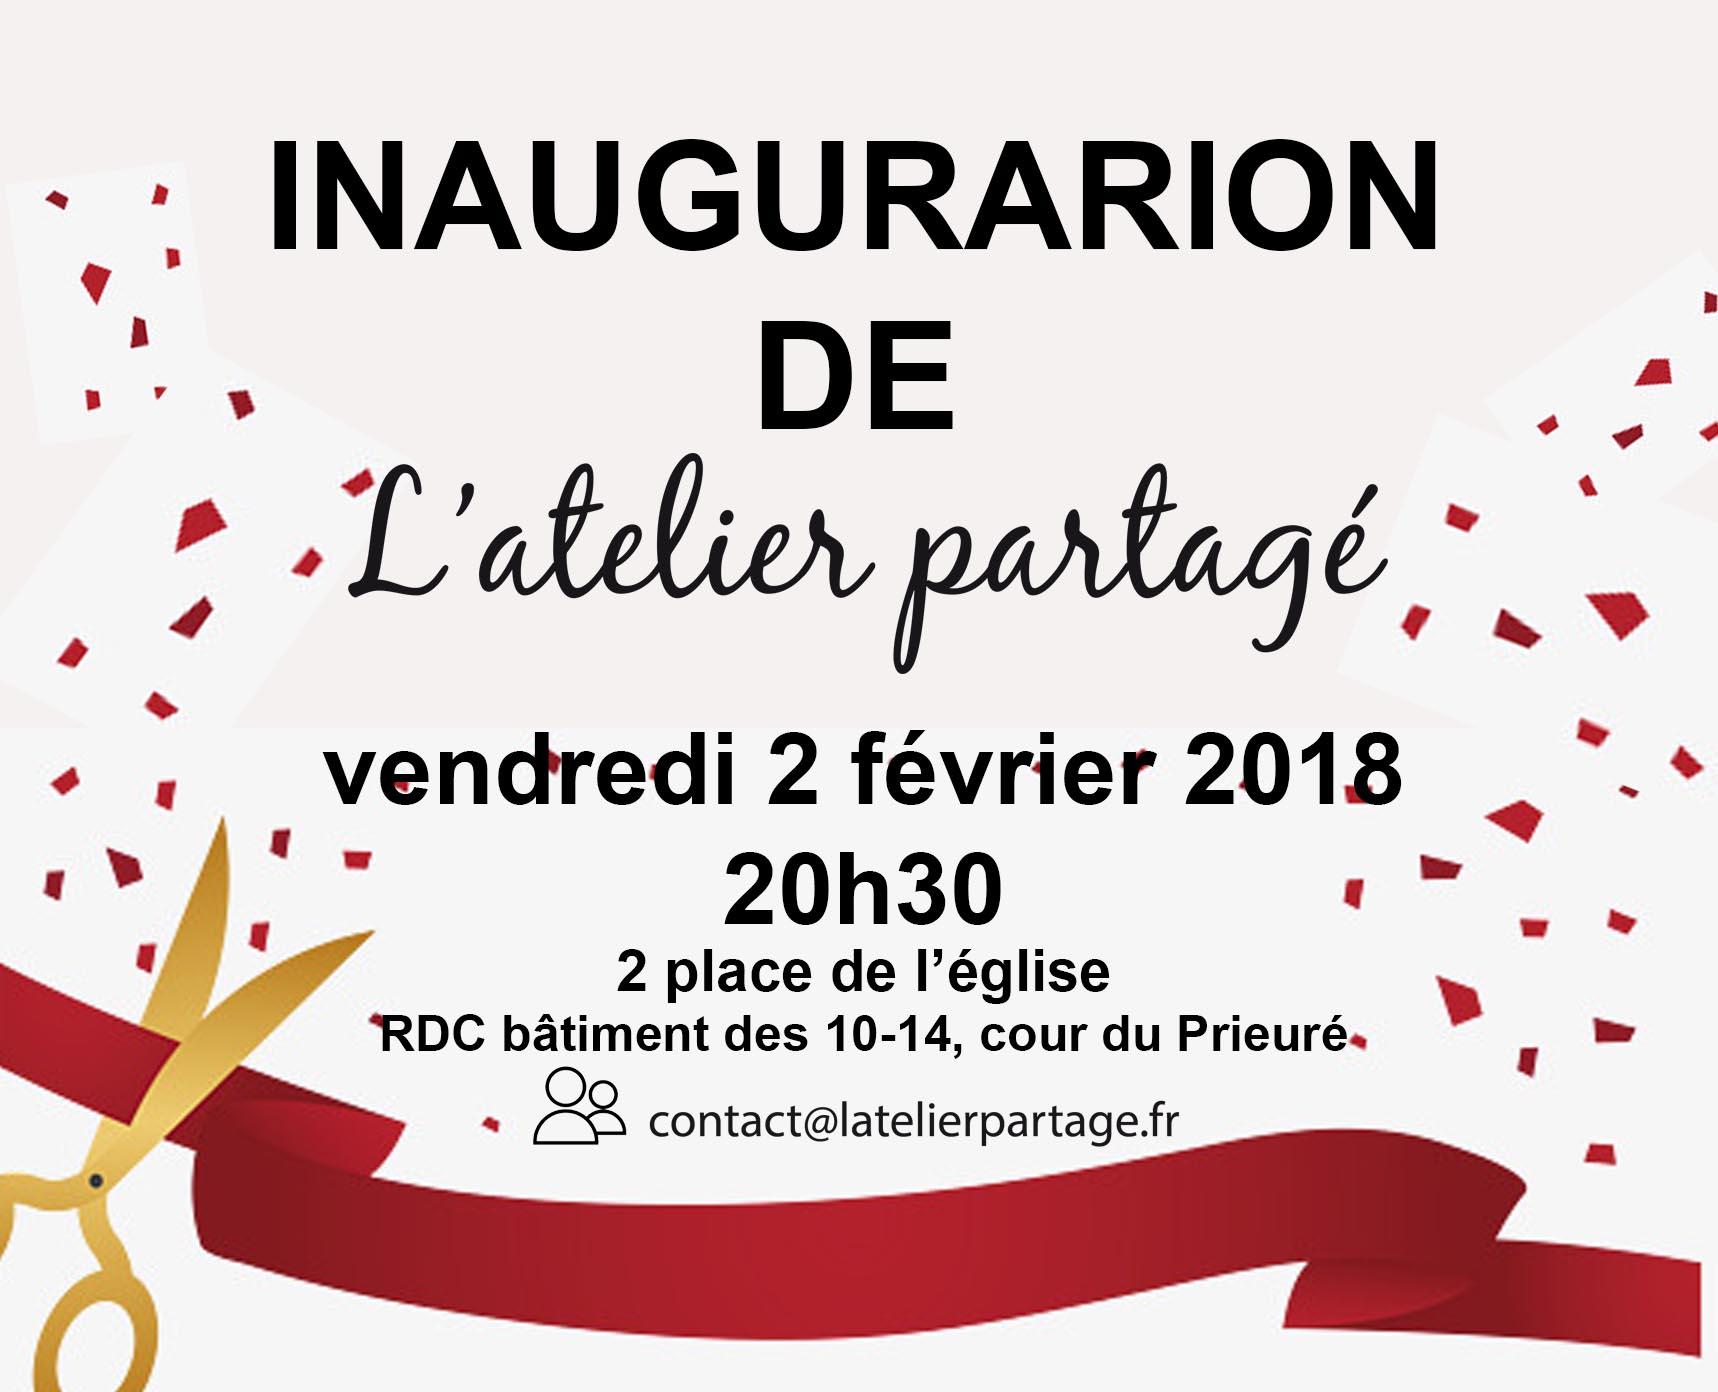 Inauguration le 2 février 20h30